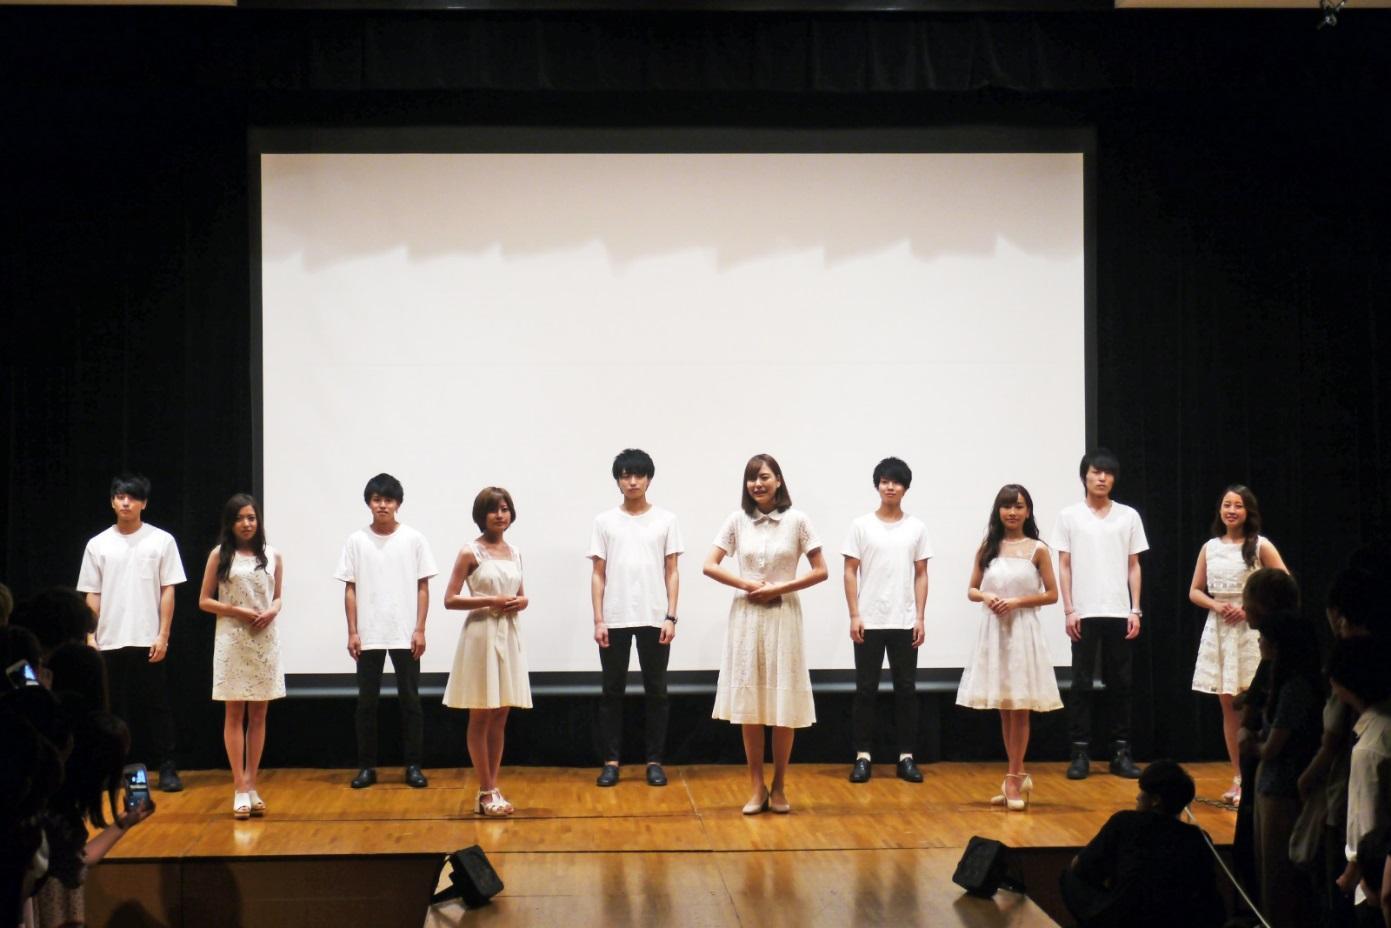 各大学のミスキャンパス集団「キャンパスラボ」が 「Mr&Miss Chuo Contest 2017」お披露目会をレポート